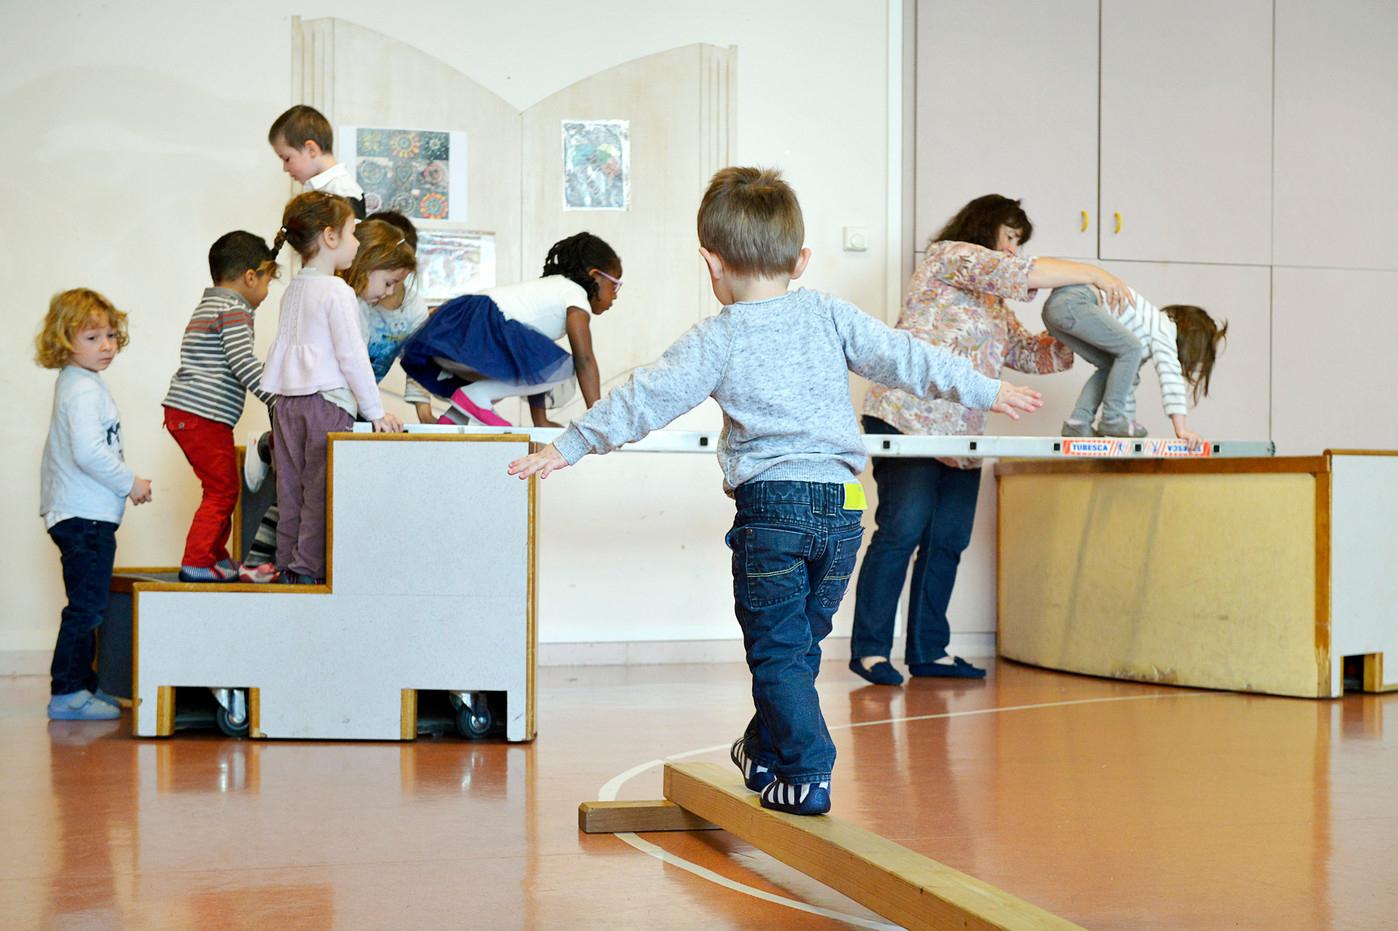 Vers Une Maternelle Plus Ambitieuse Et Moins « Scolaire » tout Jeux Educatif Maternelle Petite Section